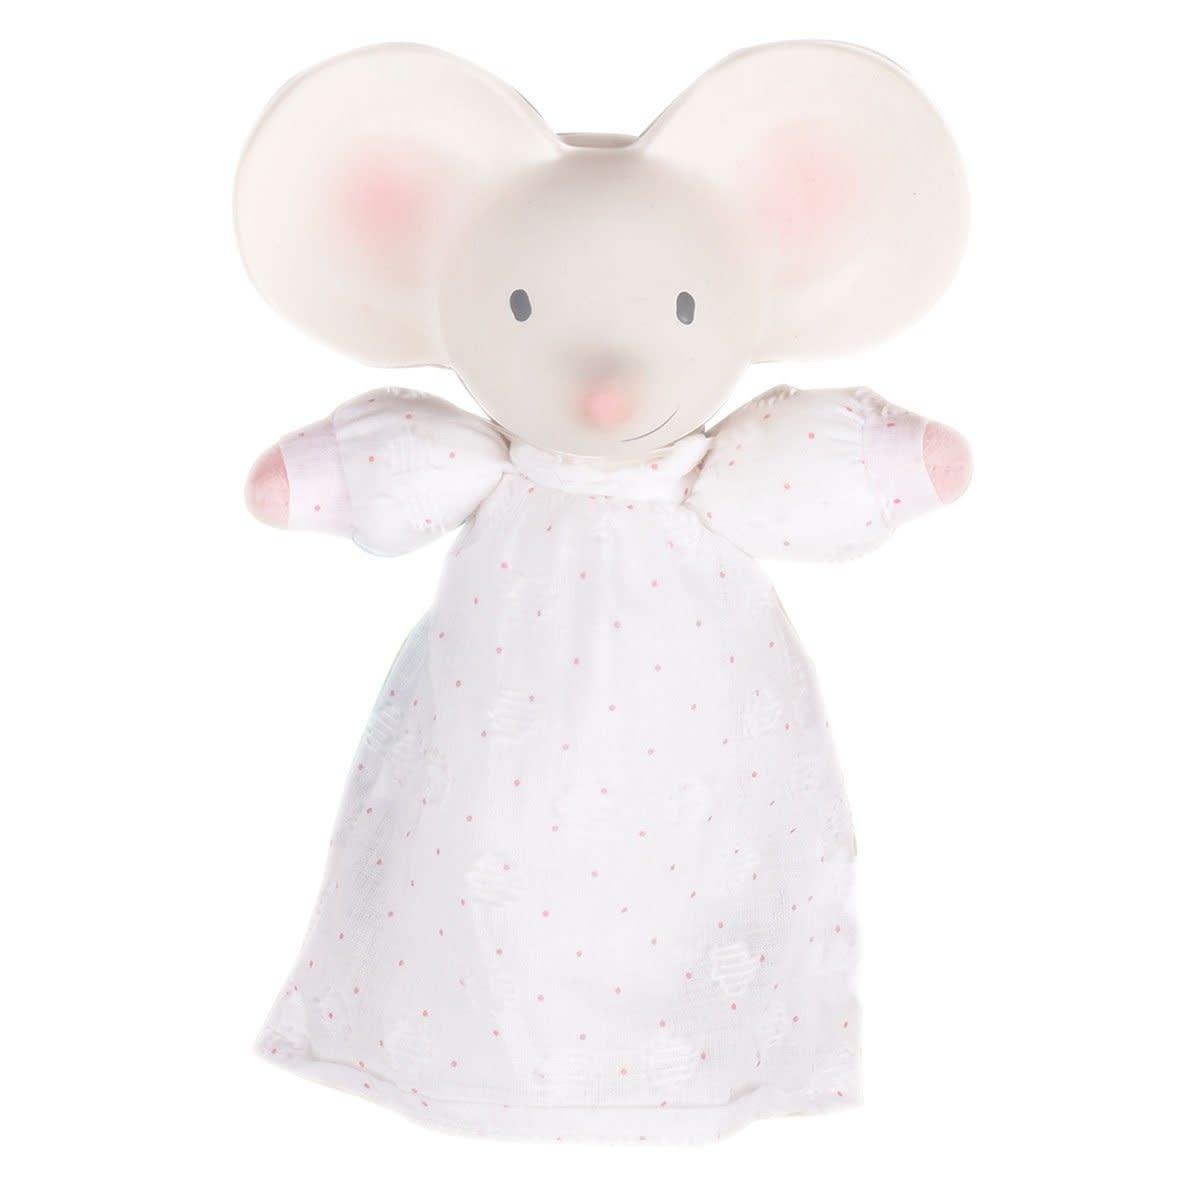 Tikiri Meiya Mouse Squeaker Toy